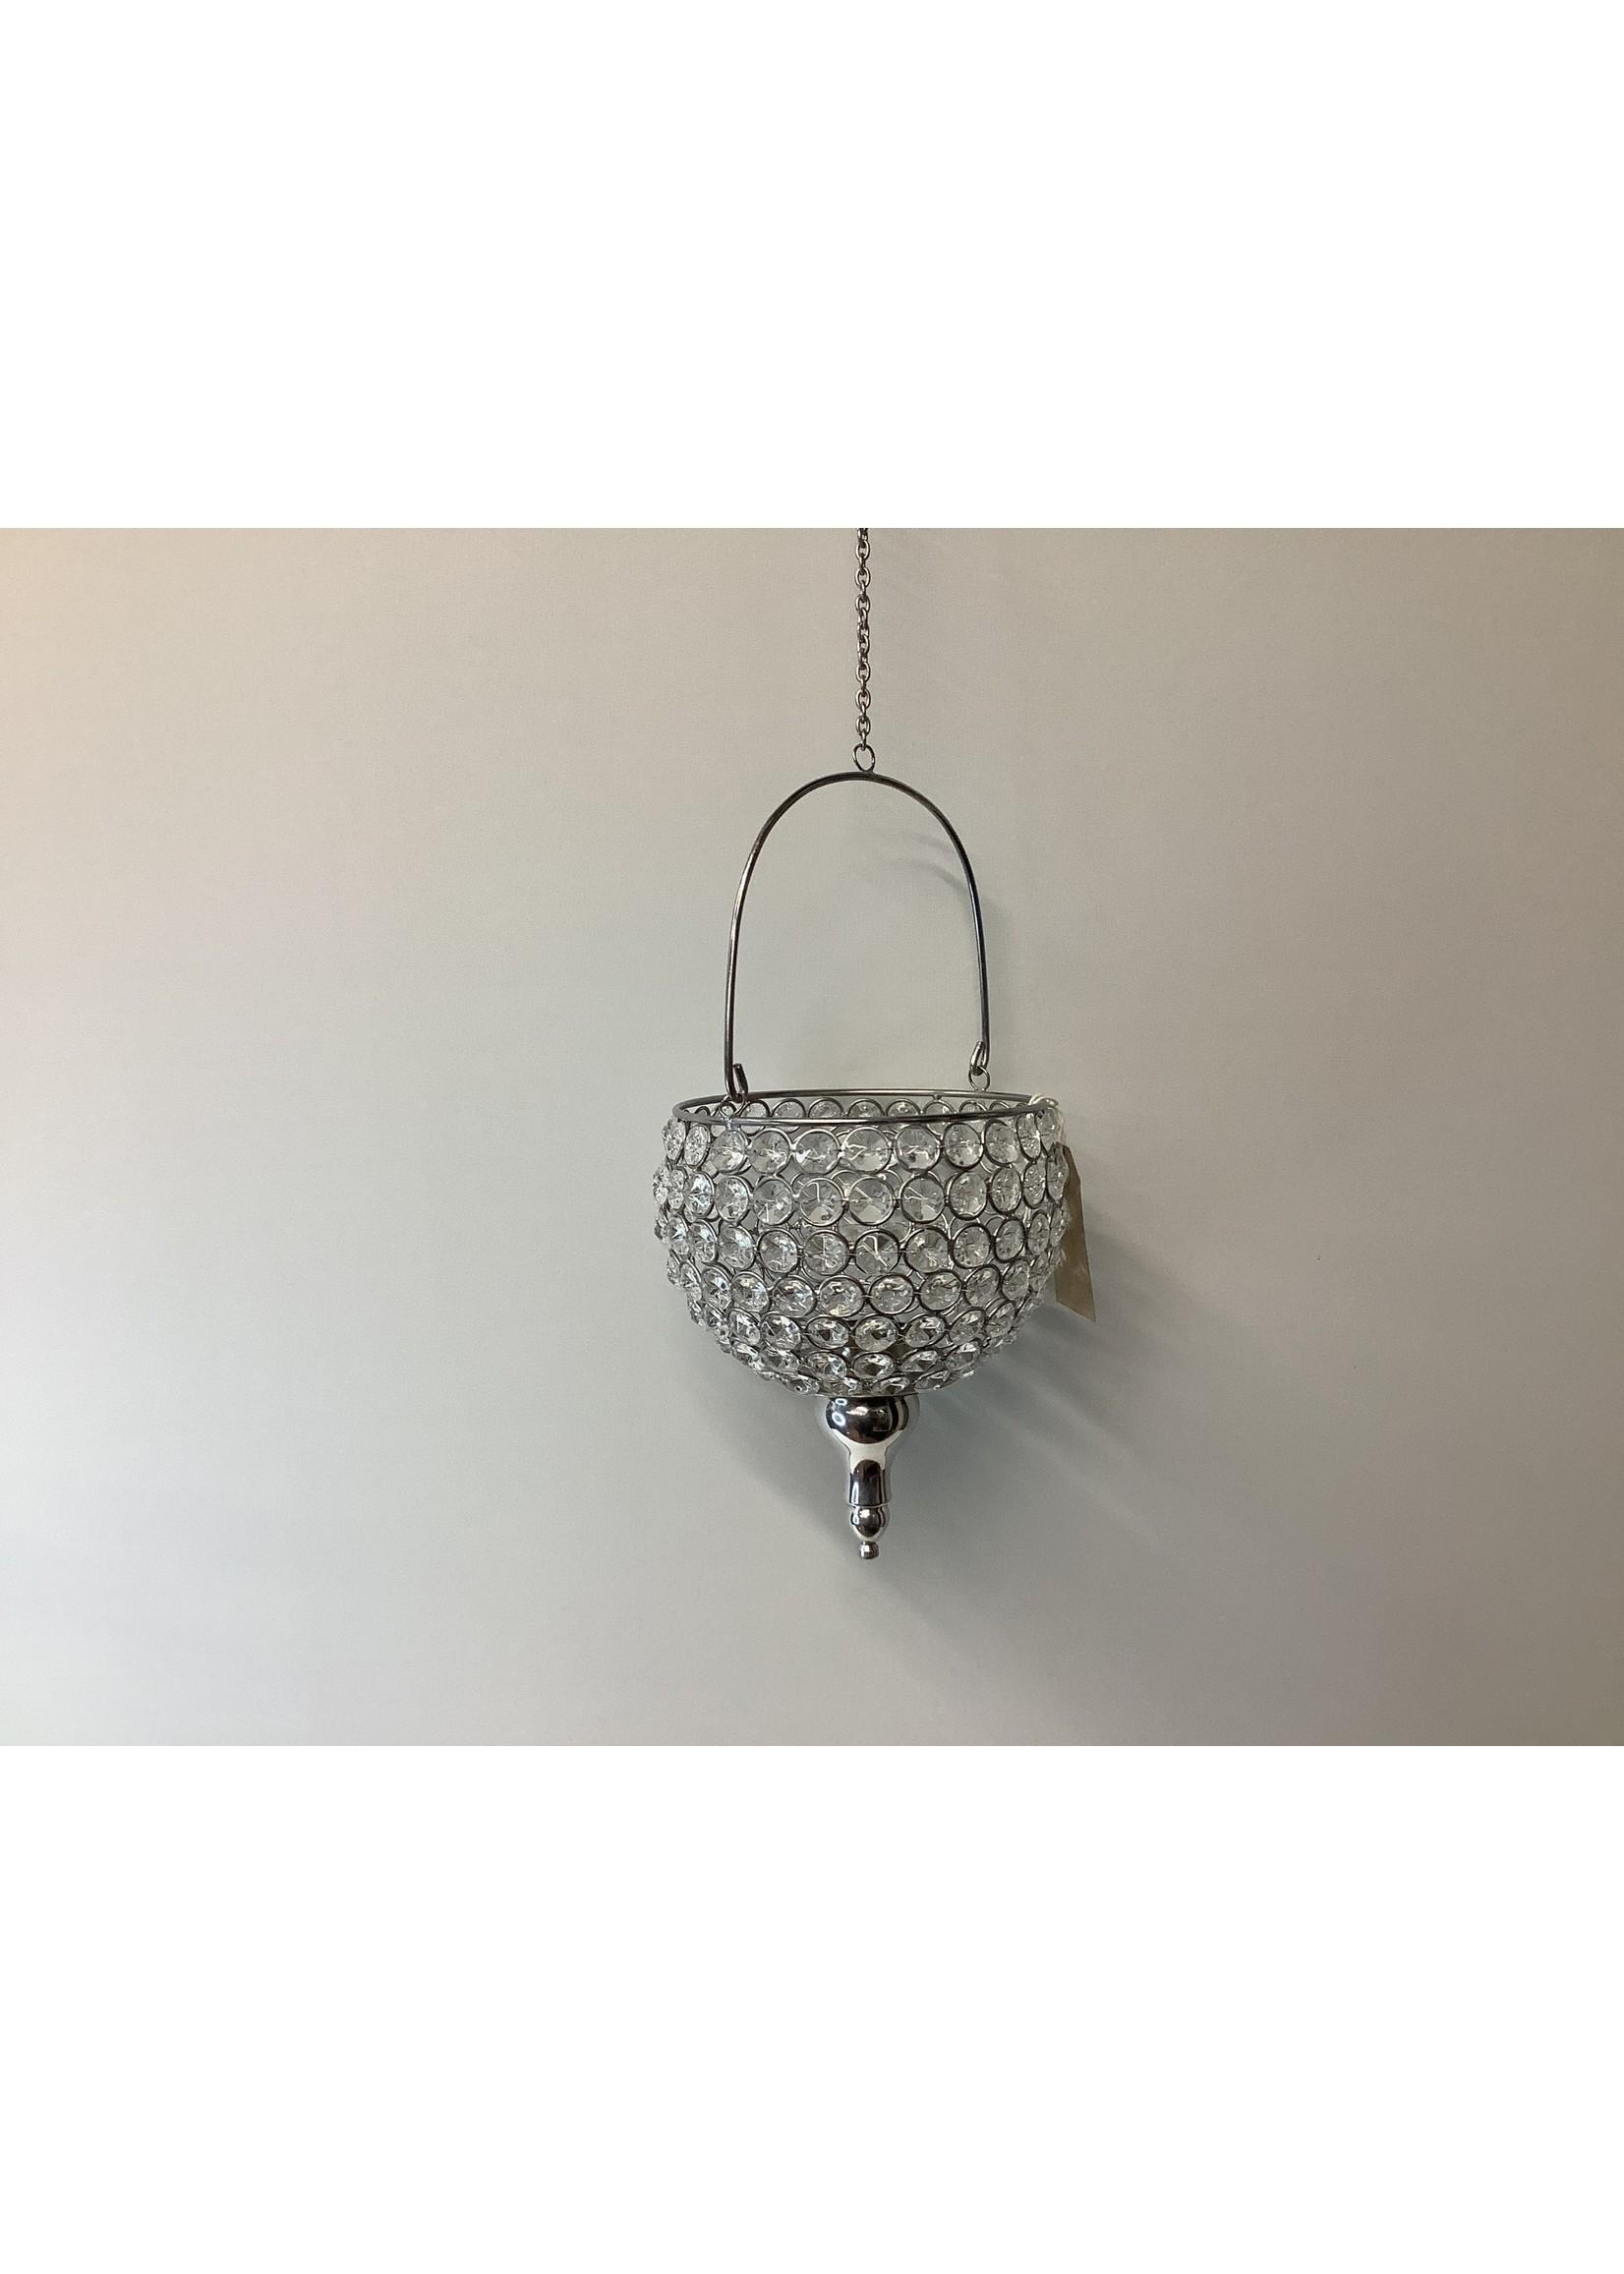 Crystal hanging tea light holder 16cm